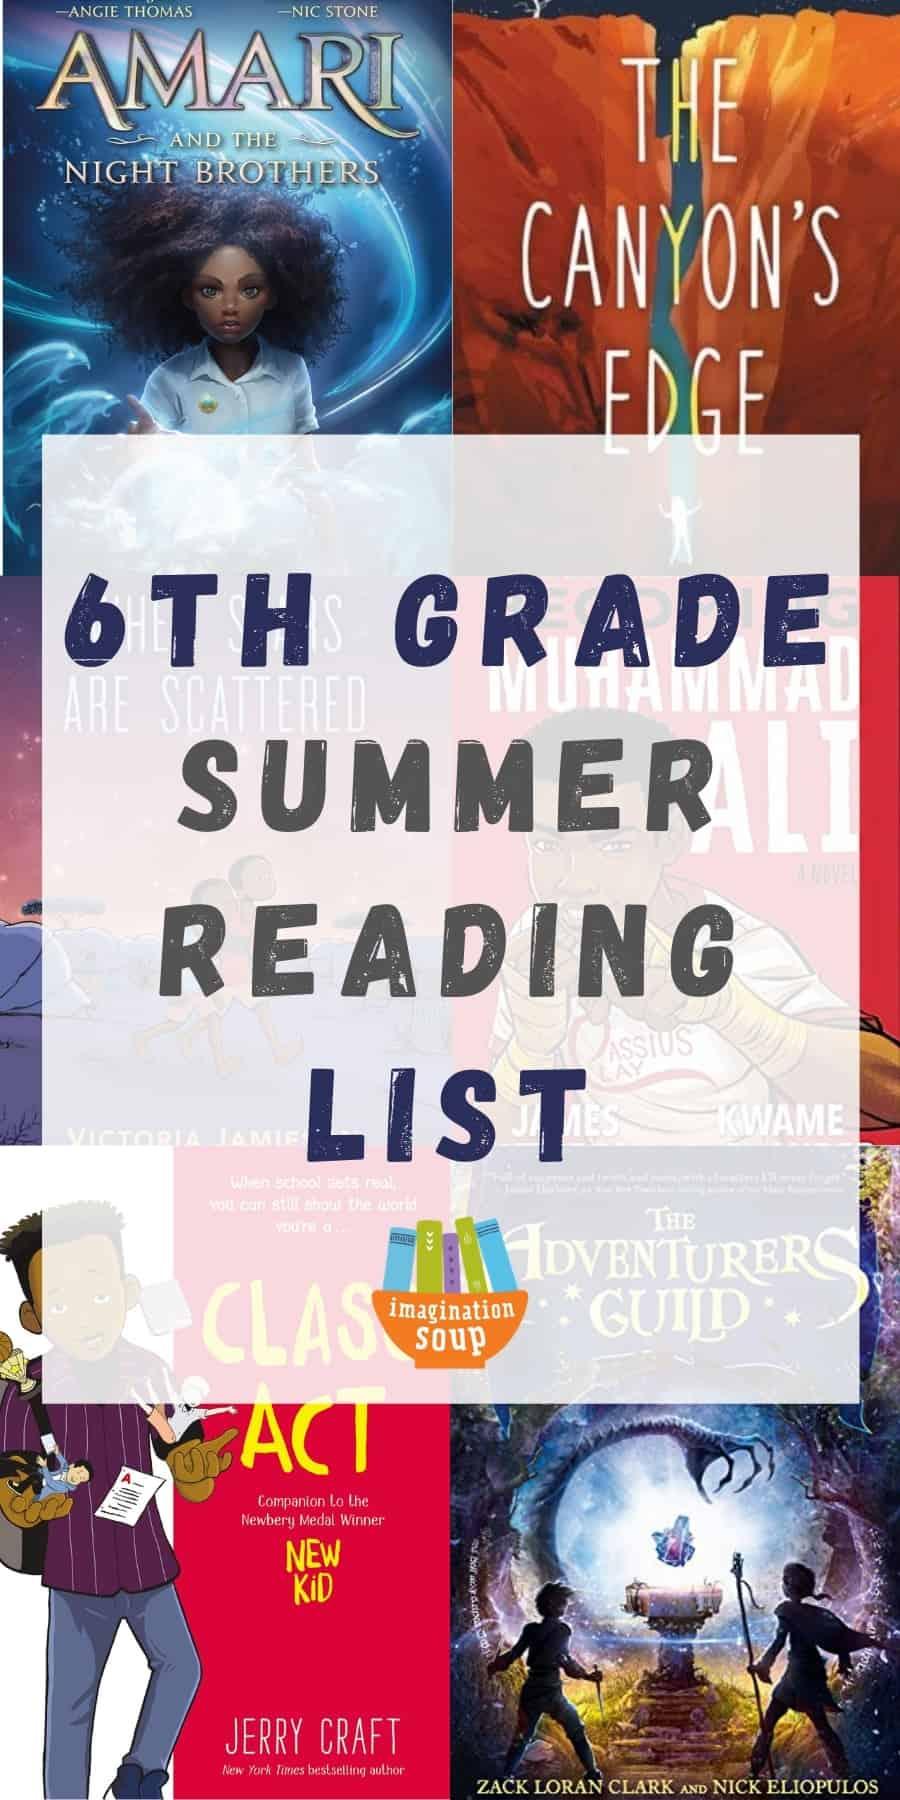 6th grade summer reading list -- good books for kids